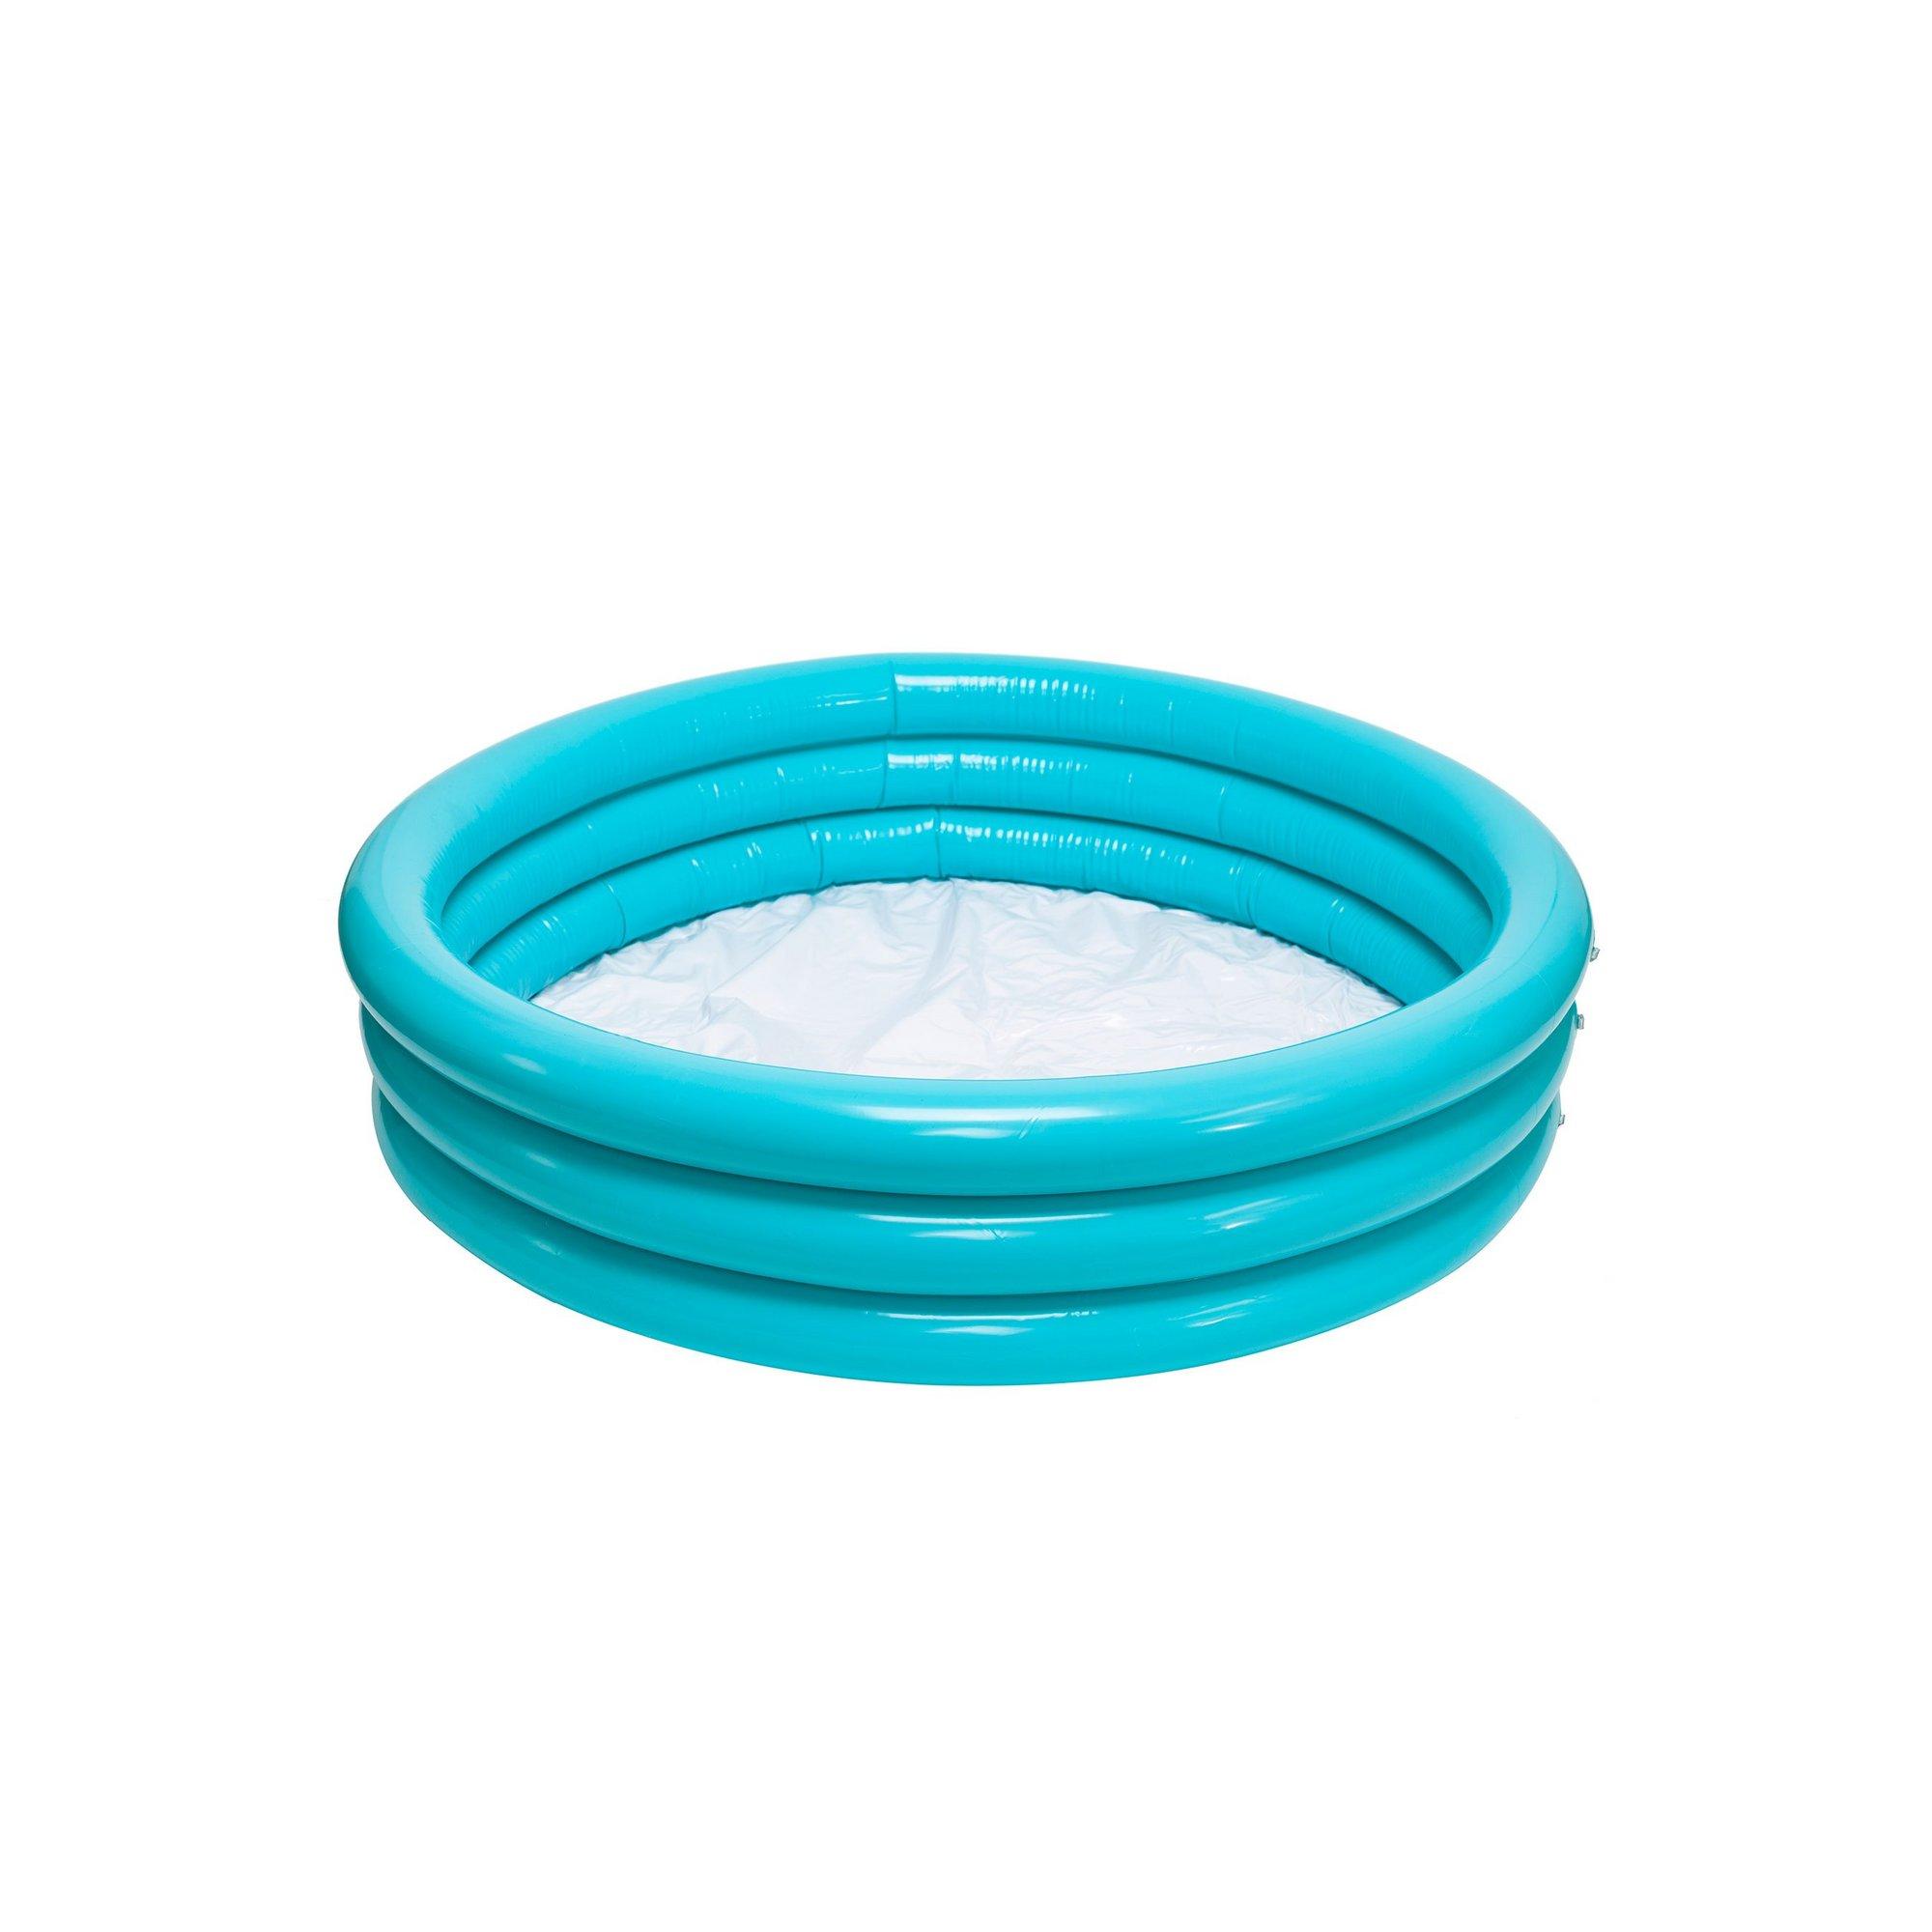 Image of 3 Ring Paddling Pool